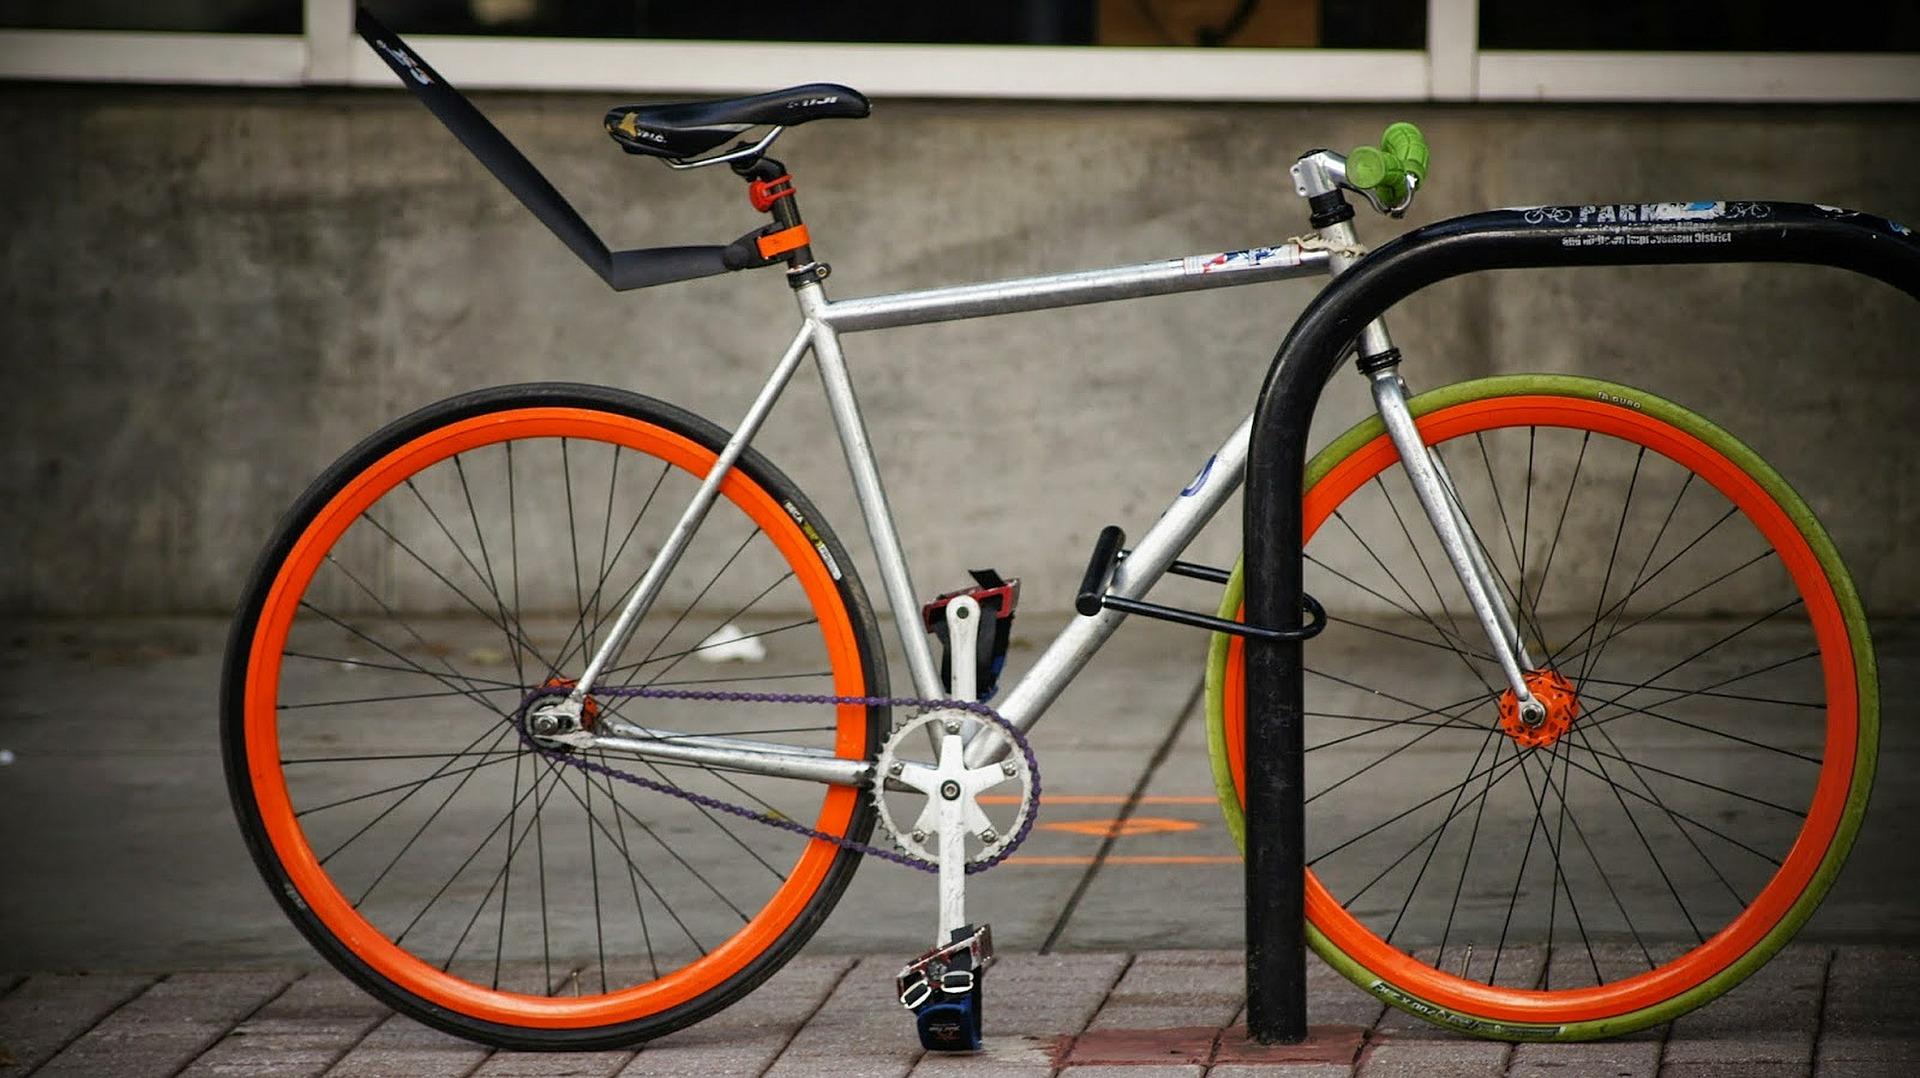 Inventos que se Venden – 1 (Bicicleta)